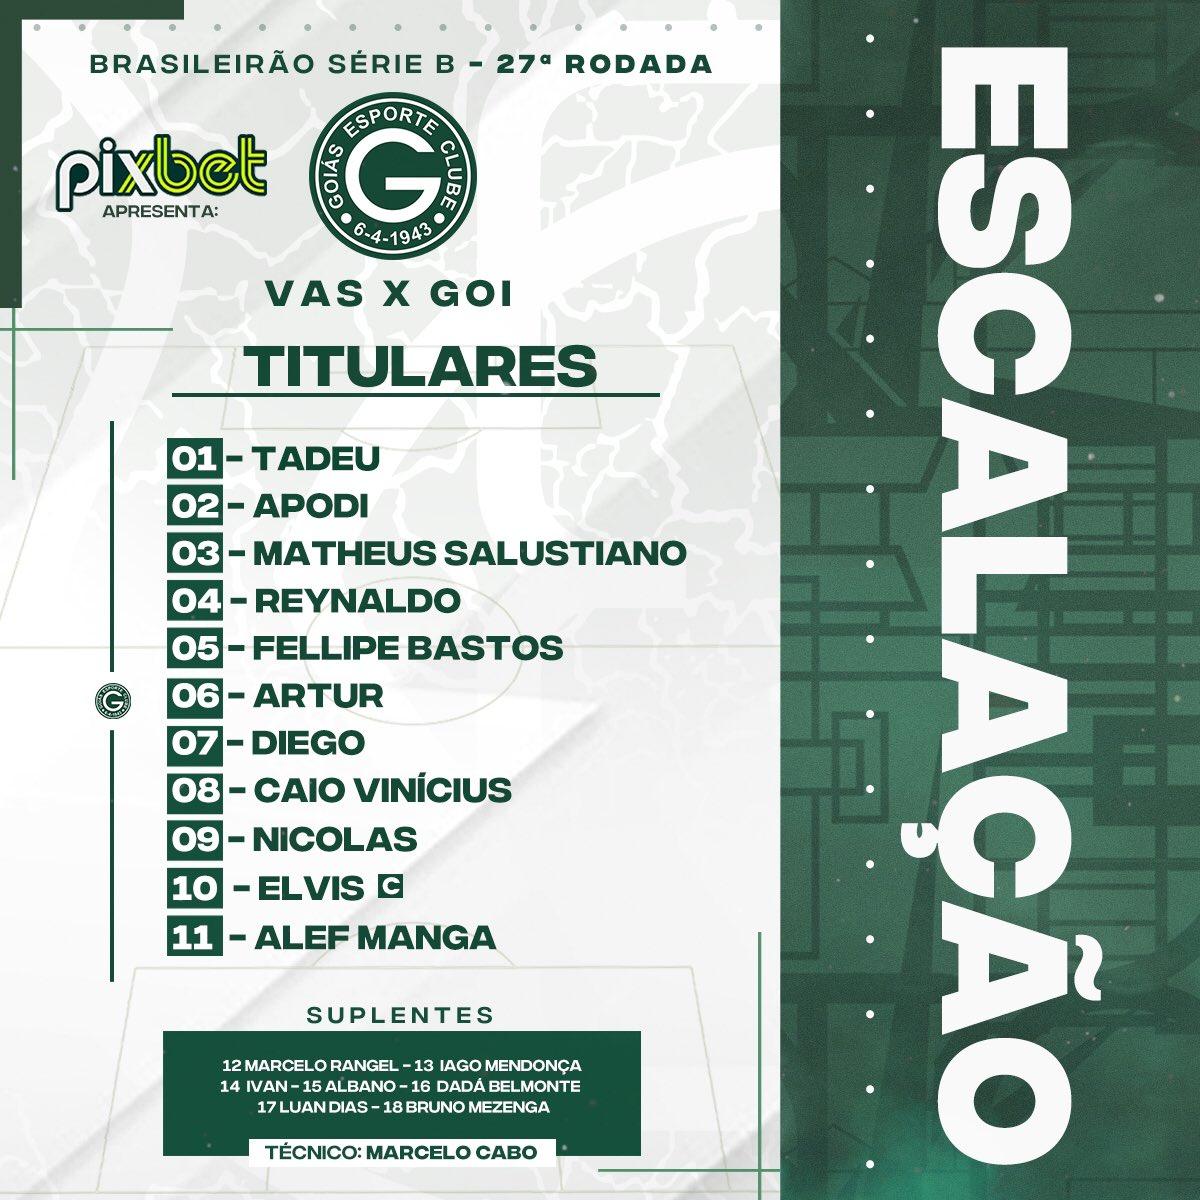 Foto: Divulgação/Goiás EC